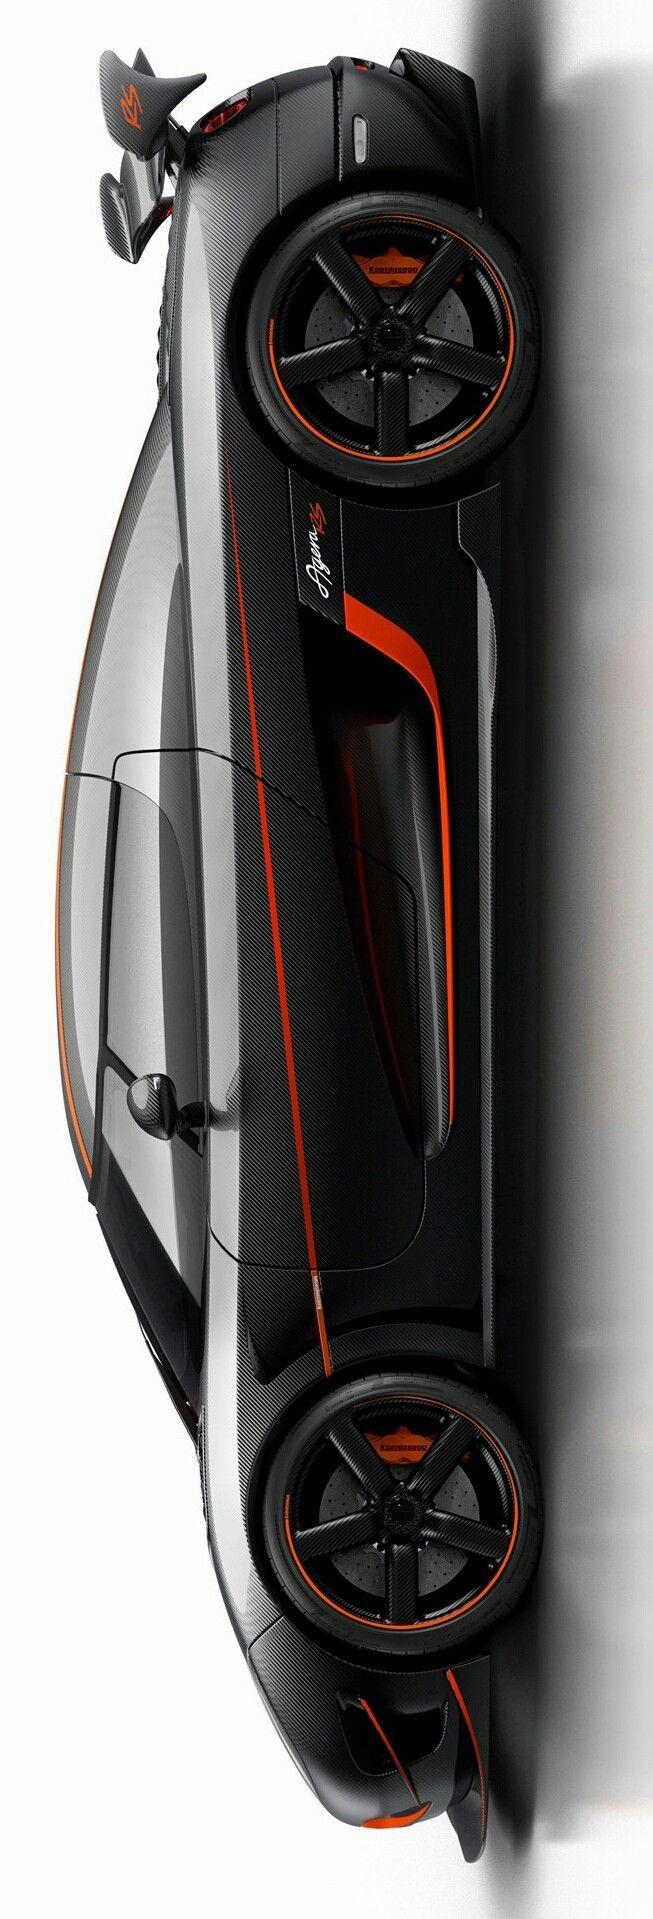 Koenigsegg Agera RS by Levon